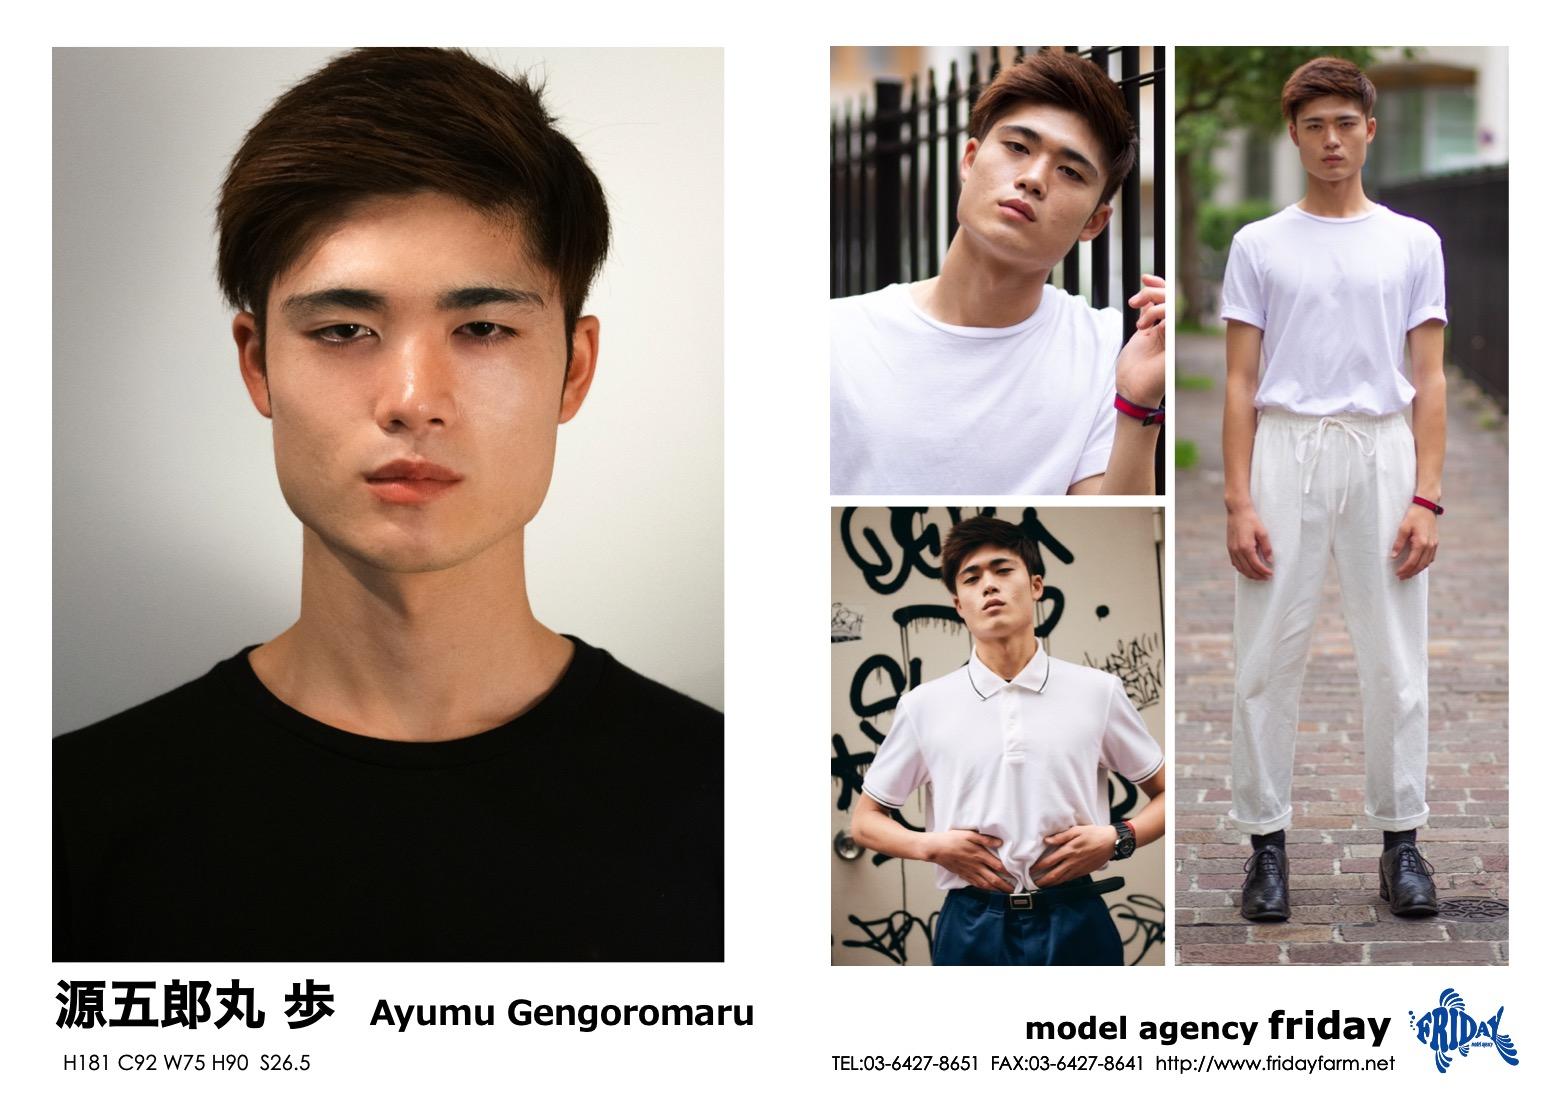 源五郎丸 歩 - Ayumu Gengoromaru | model agency friday